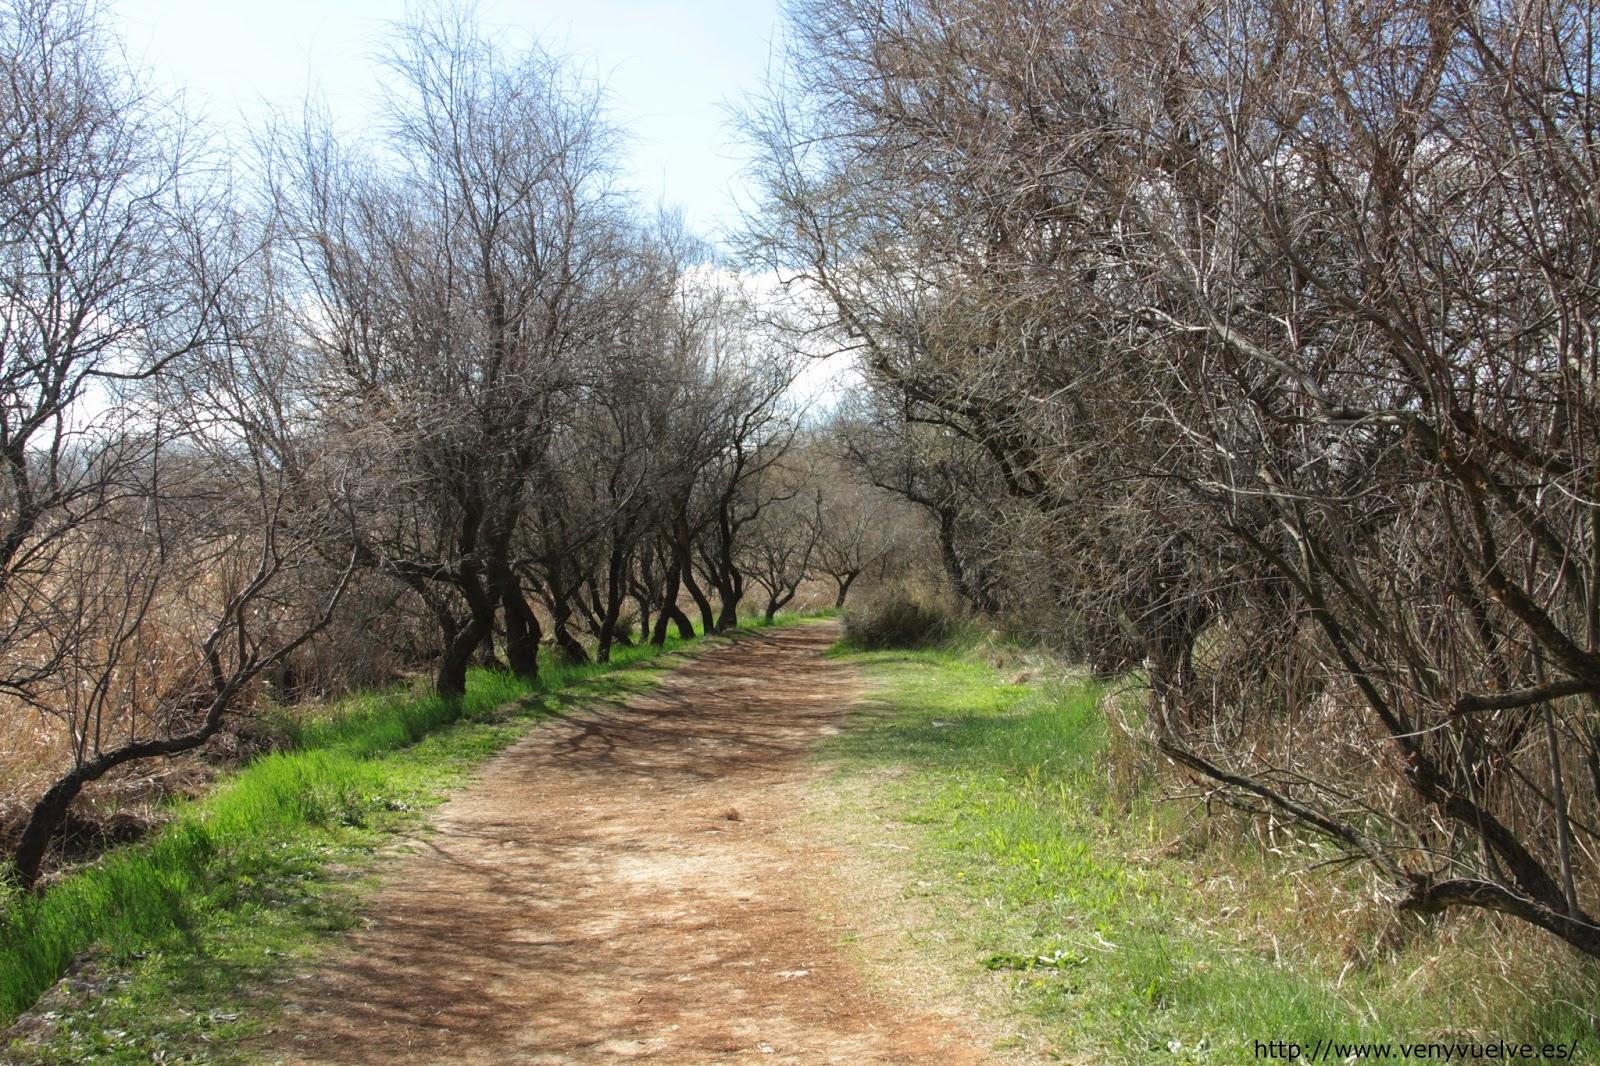 Rutas por el Parque Nacional de las Tablas de Daimiel